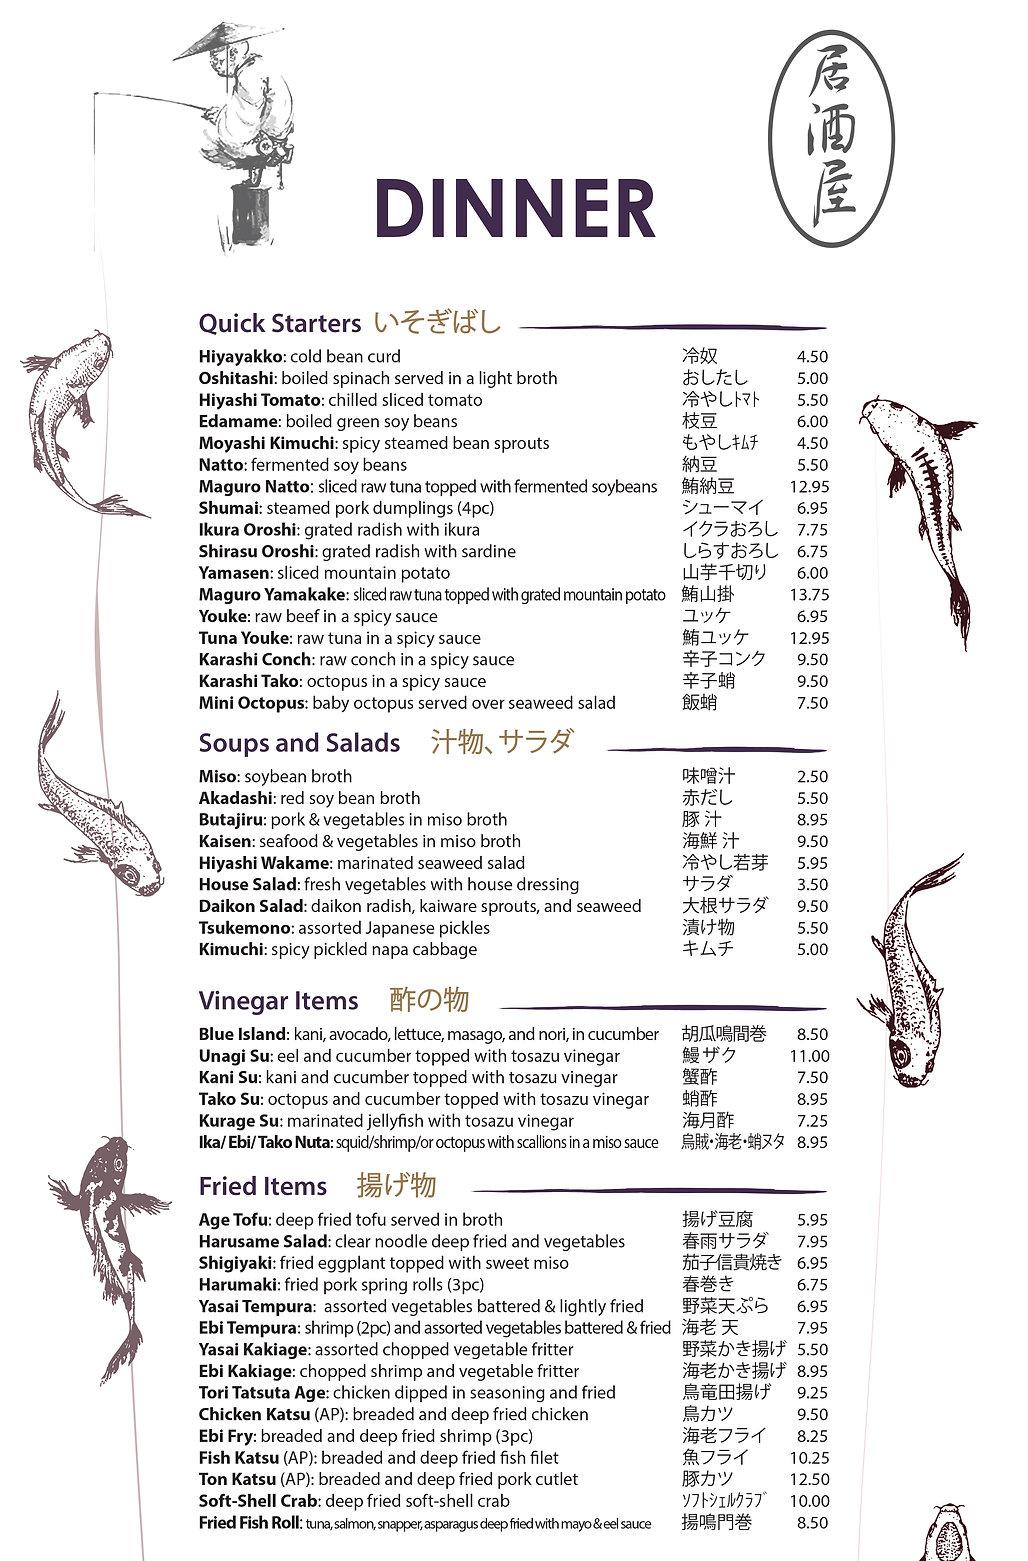 dinner 2020-website - 2-1-1.jpg